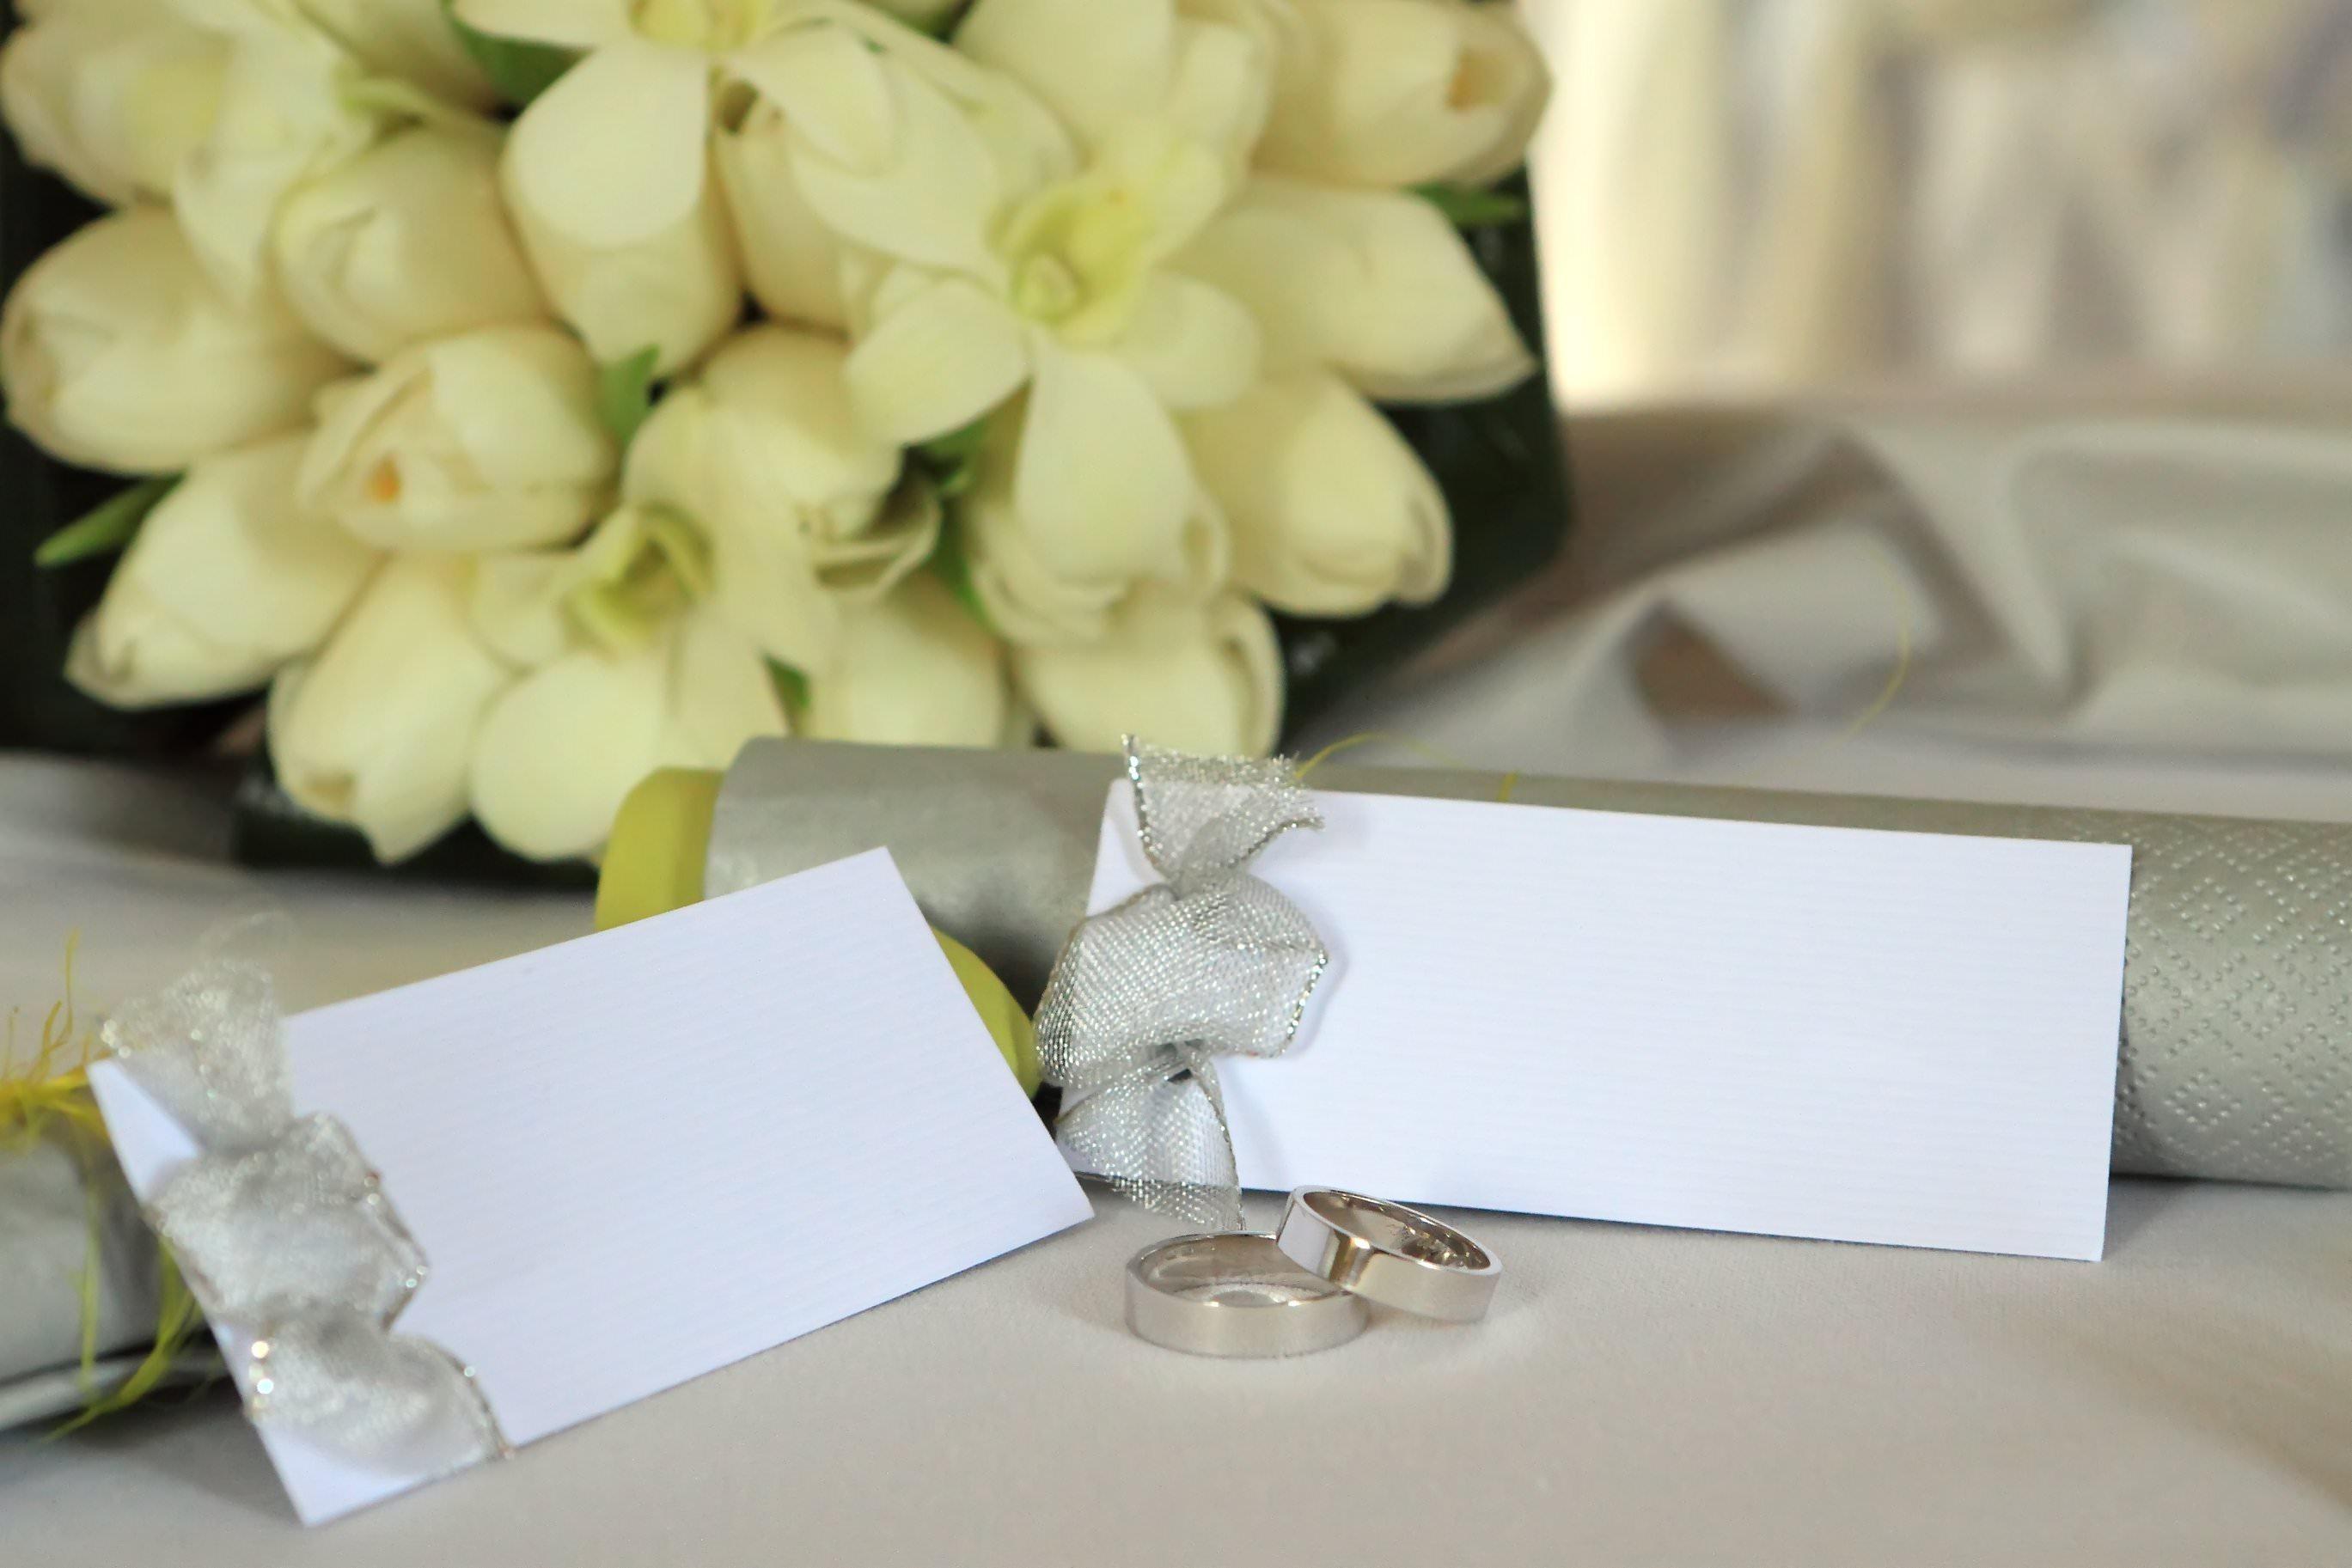 Nuovo Dpcm, matrimoni verso la ripartenza: test su sposi e invitati, cosa prevede il nuovo protocollo sanitario